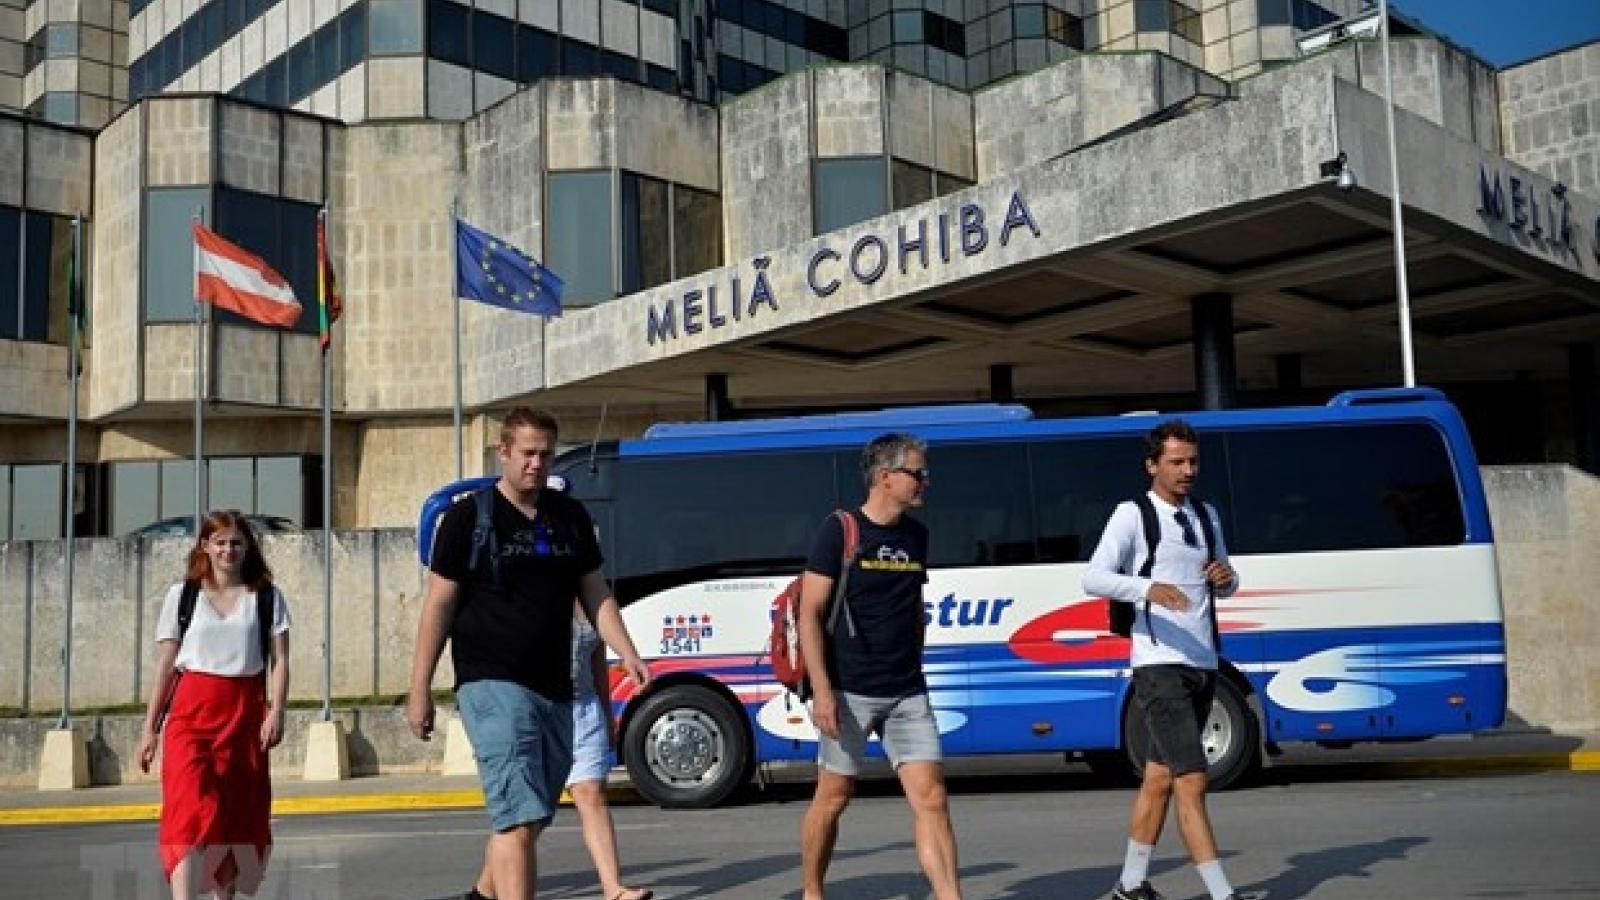 Mỹ đình chỉ dịch vụ bay thuê chuyến tư nhân tới các sân bay ở Cuba